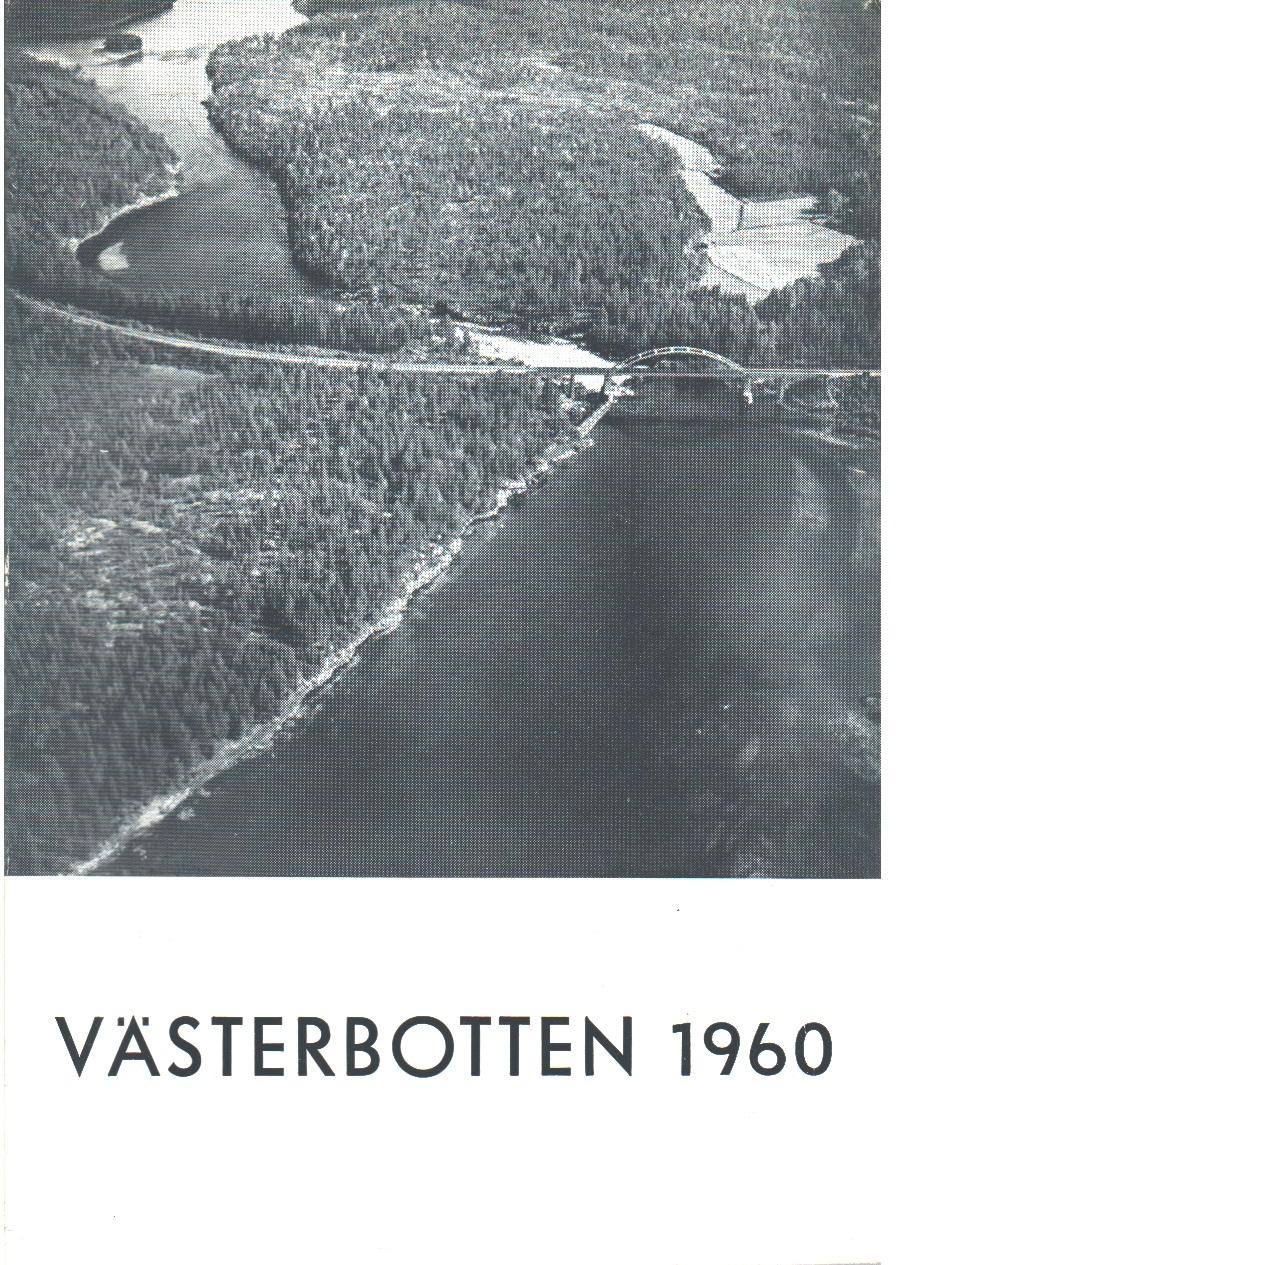 Västerbotten 1960 : Västerbottens läns hembygdsförenings årsbok - Red.